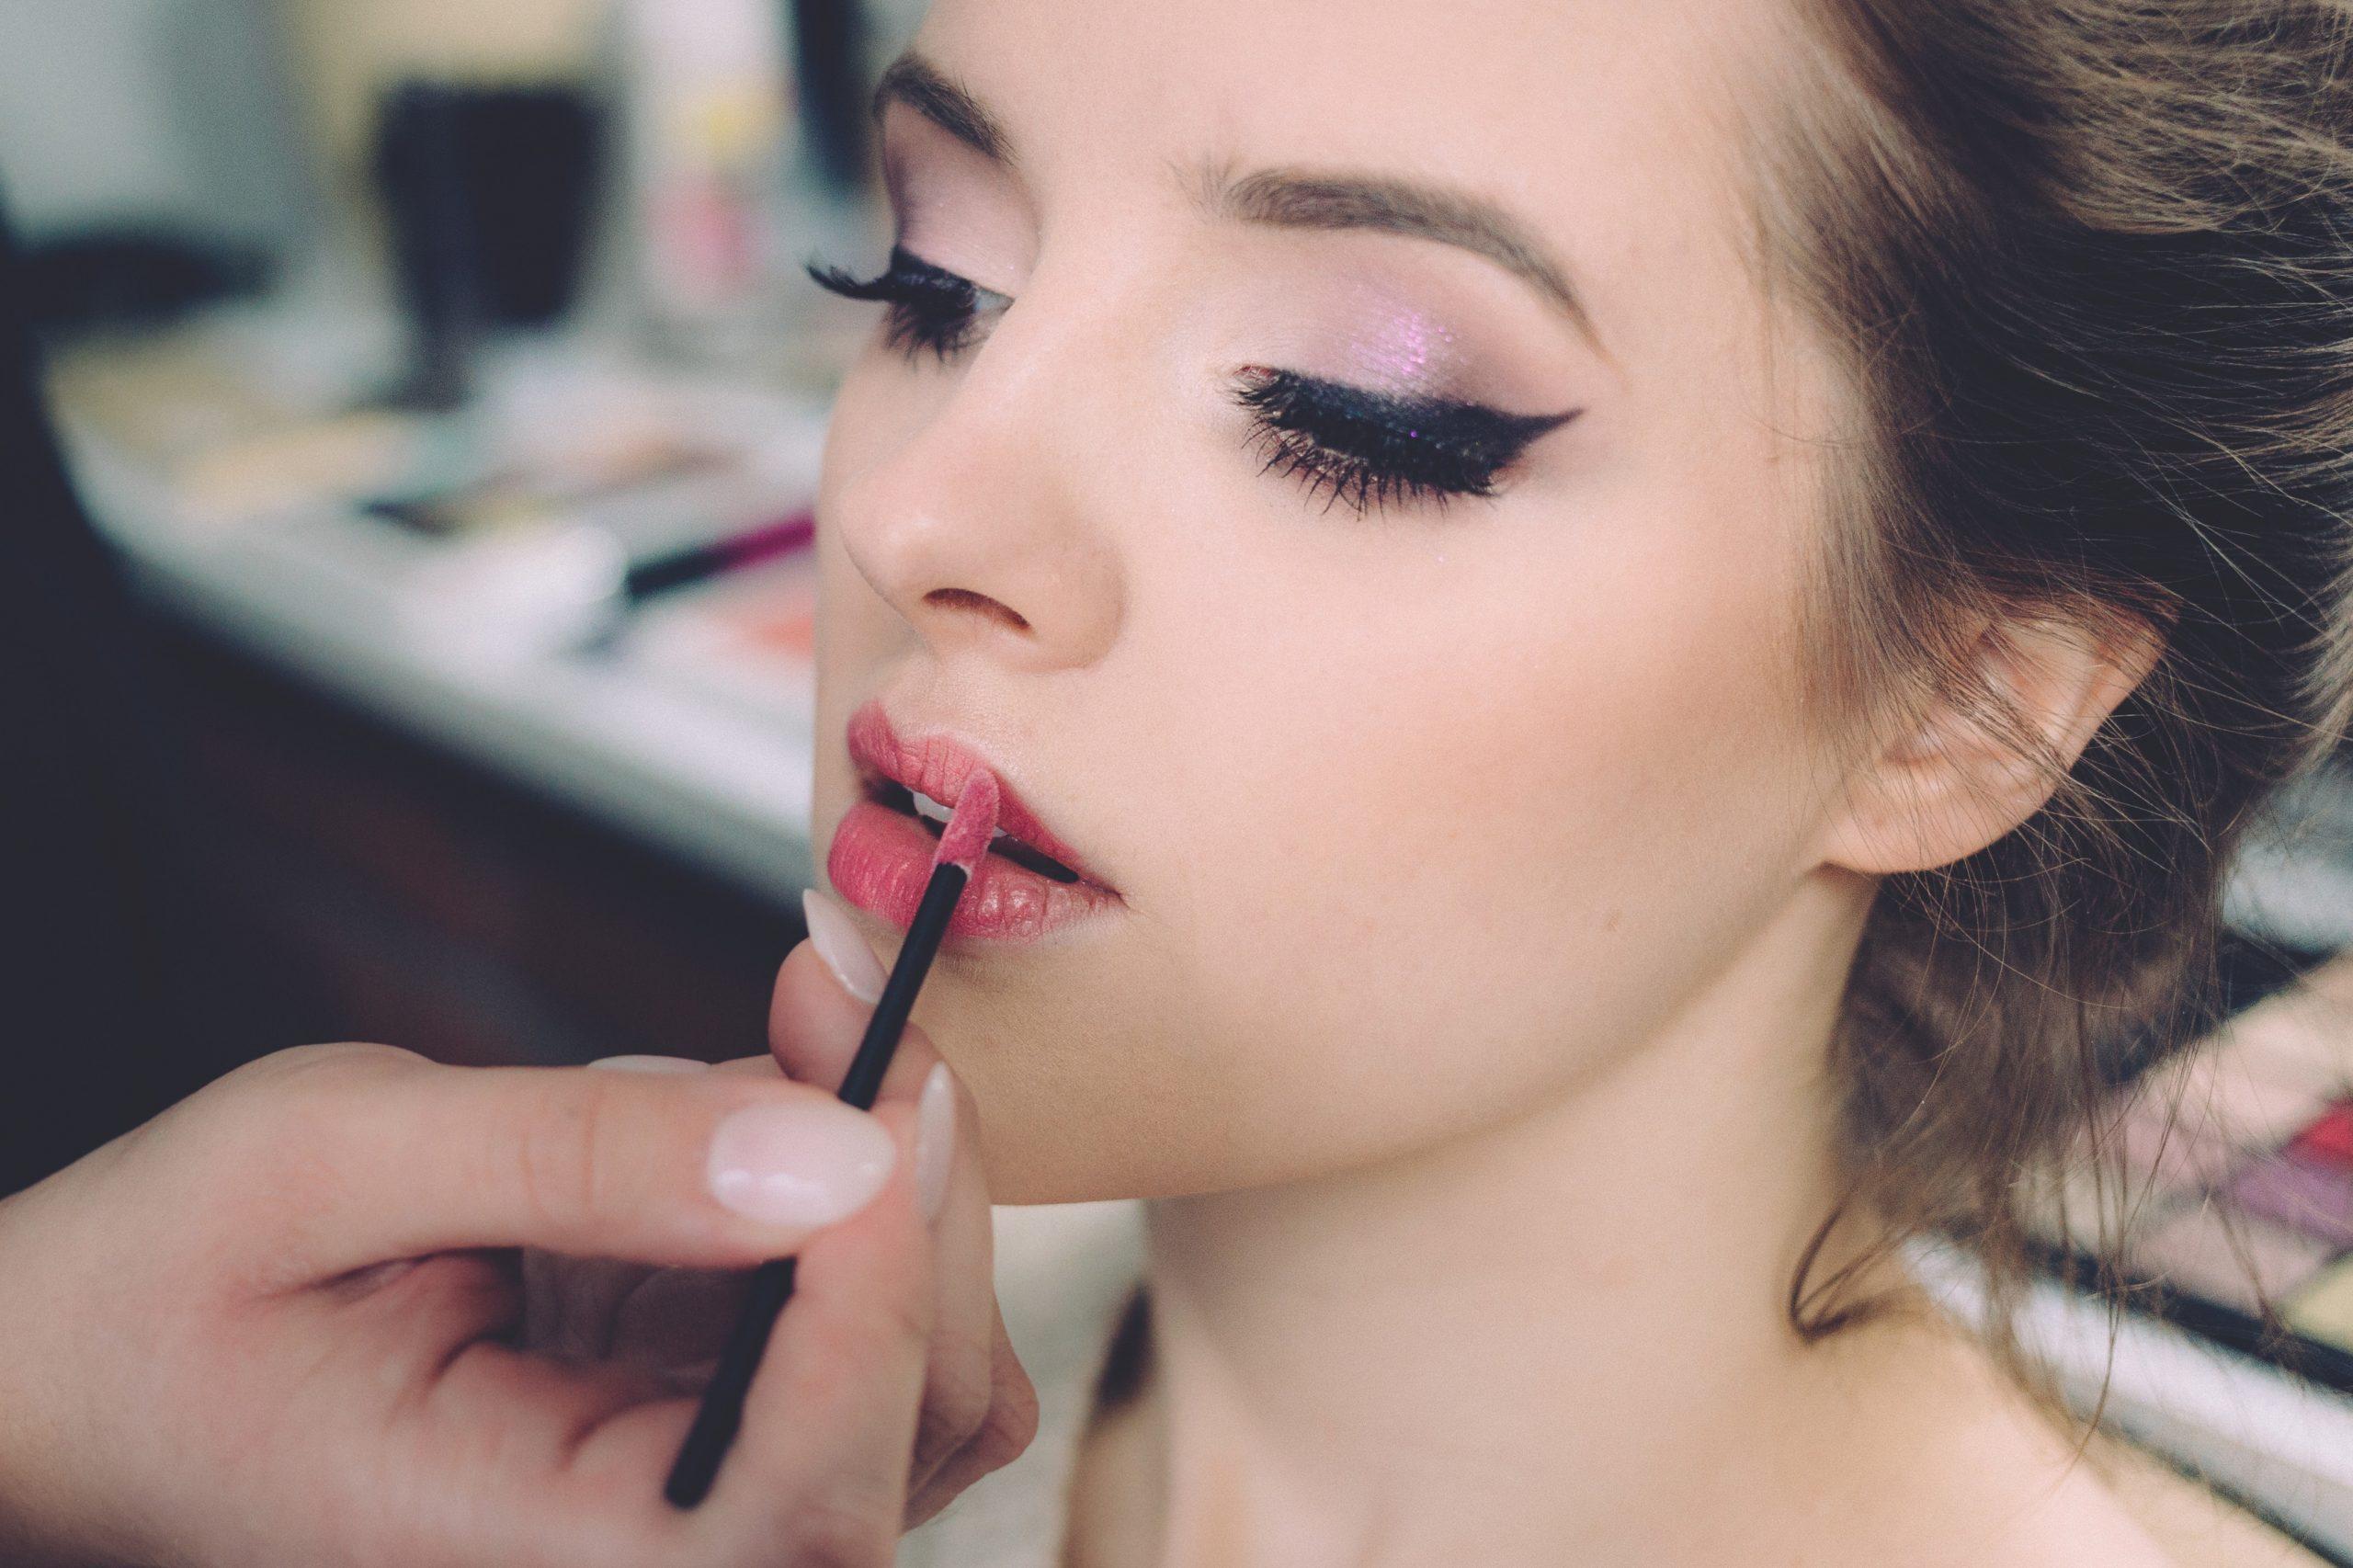 Beheers uw vaardigheden door een professionele make-upworkshop bij te wonen